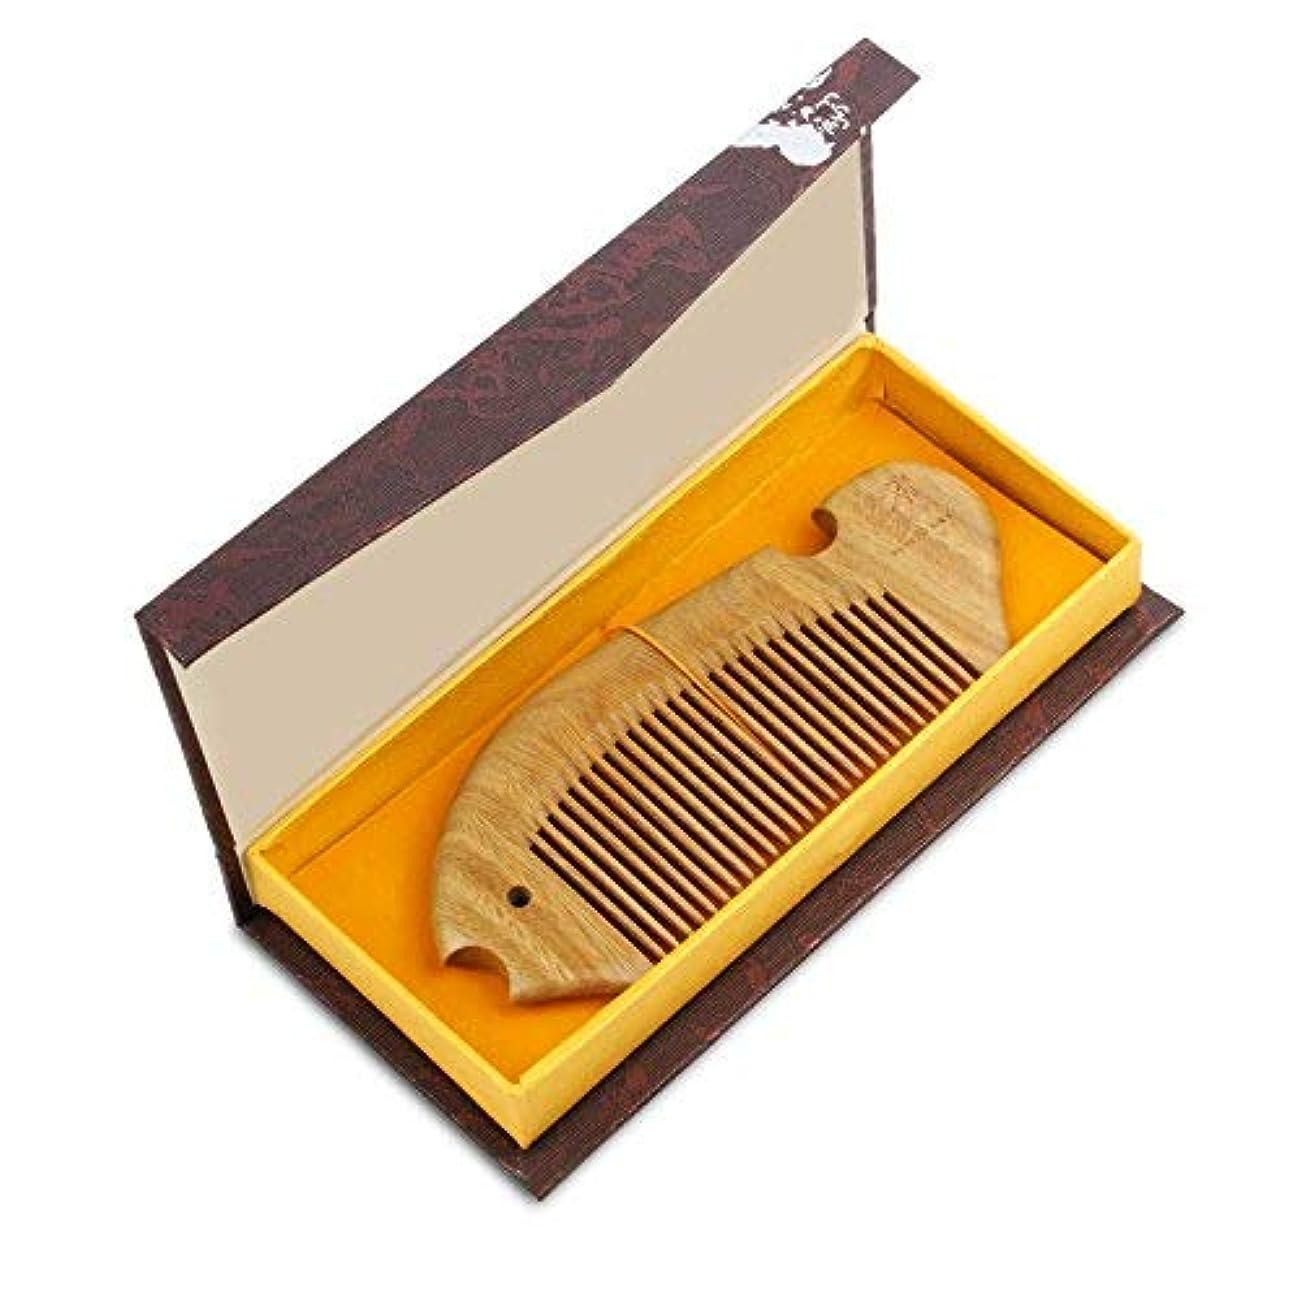 属性アリフォーマルGreen Sandalwood Natural Aroma Hair Comb Handmade Comb Portable Comb [並行輸入品]